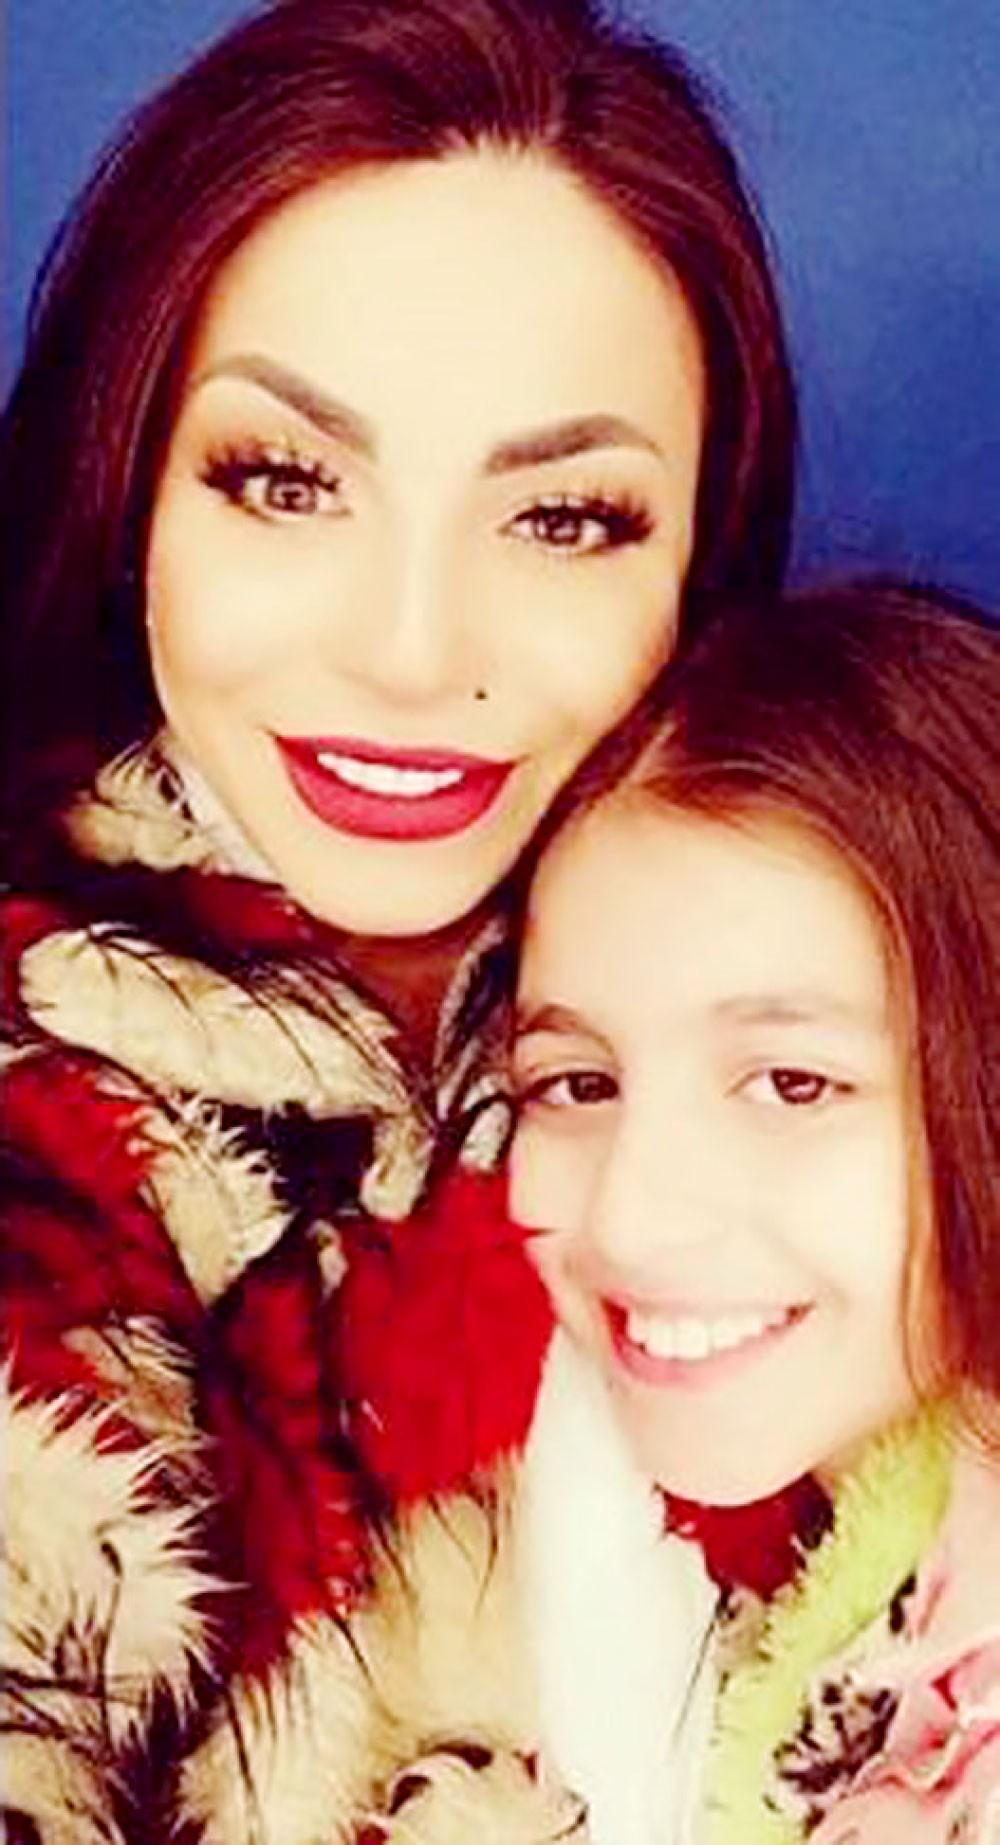 ابنه دوللي شاهين توجة لها رسالة تهنئة بمناسبة عيد الأم